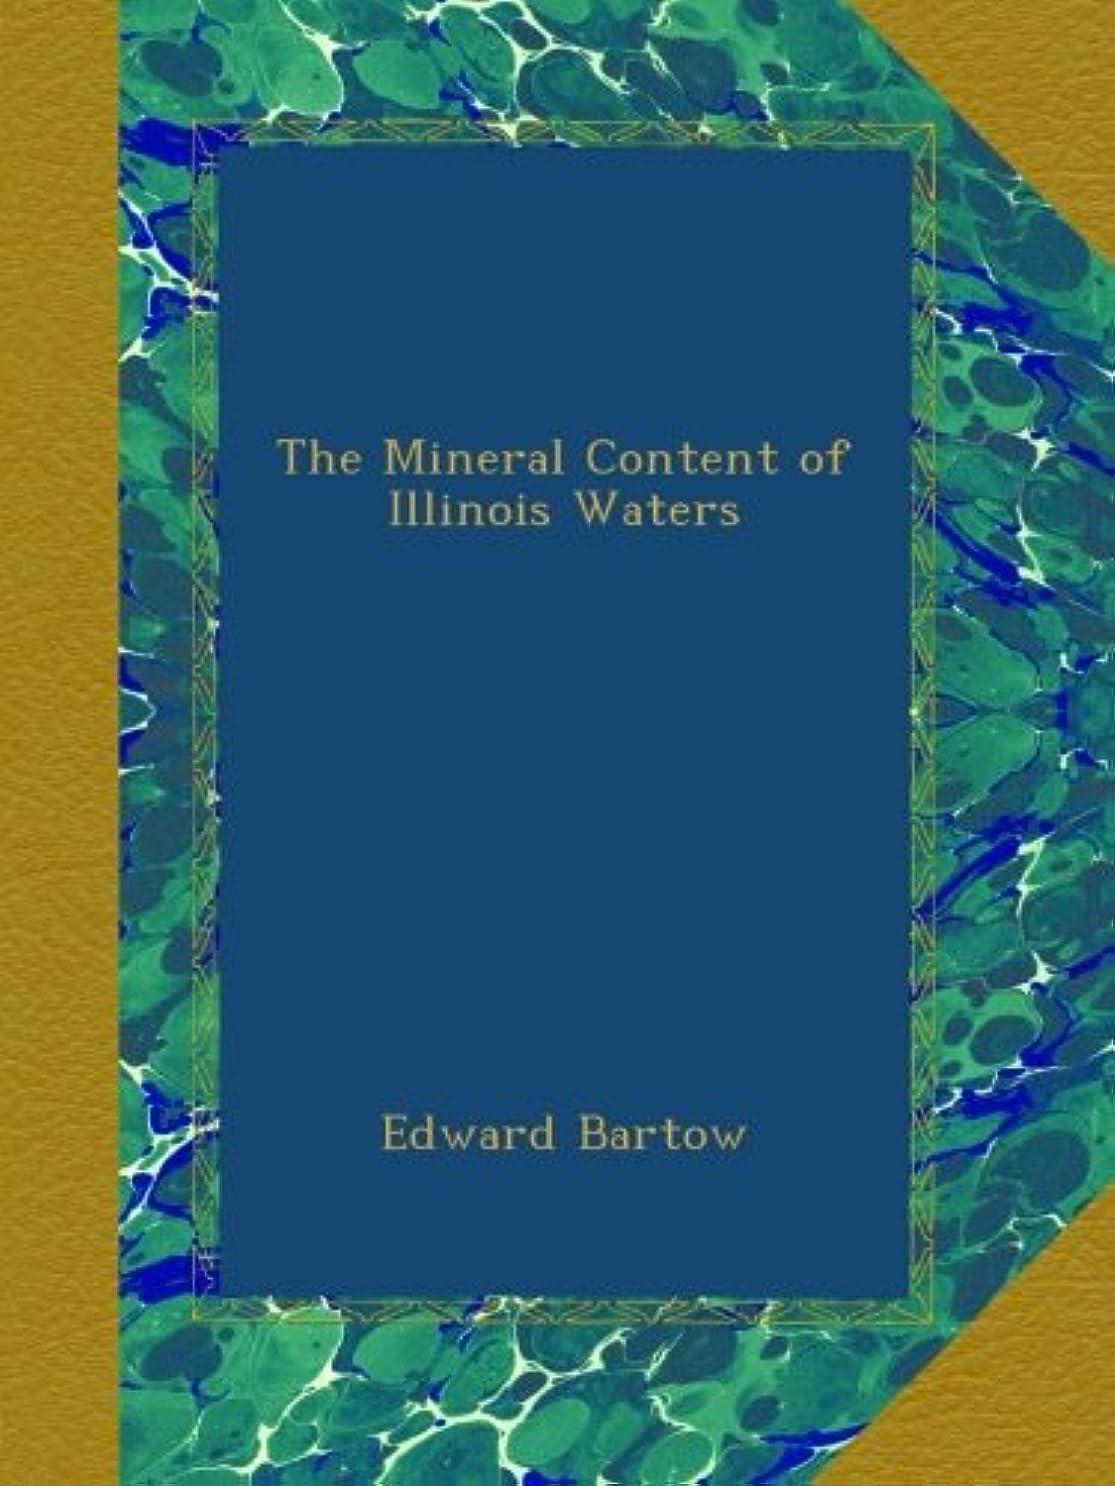 入手しますメンテナンスヘッドレスThe Mineral Content of Illinois Waters